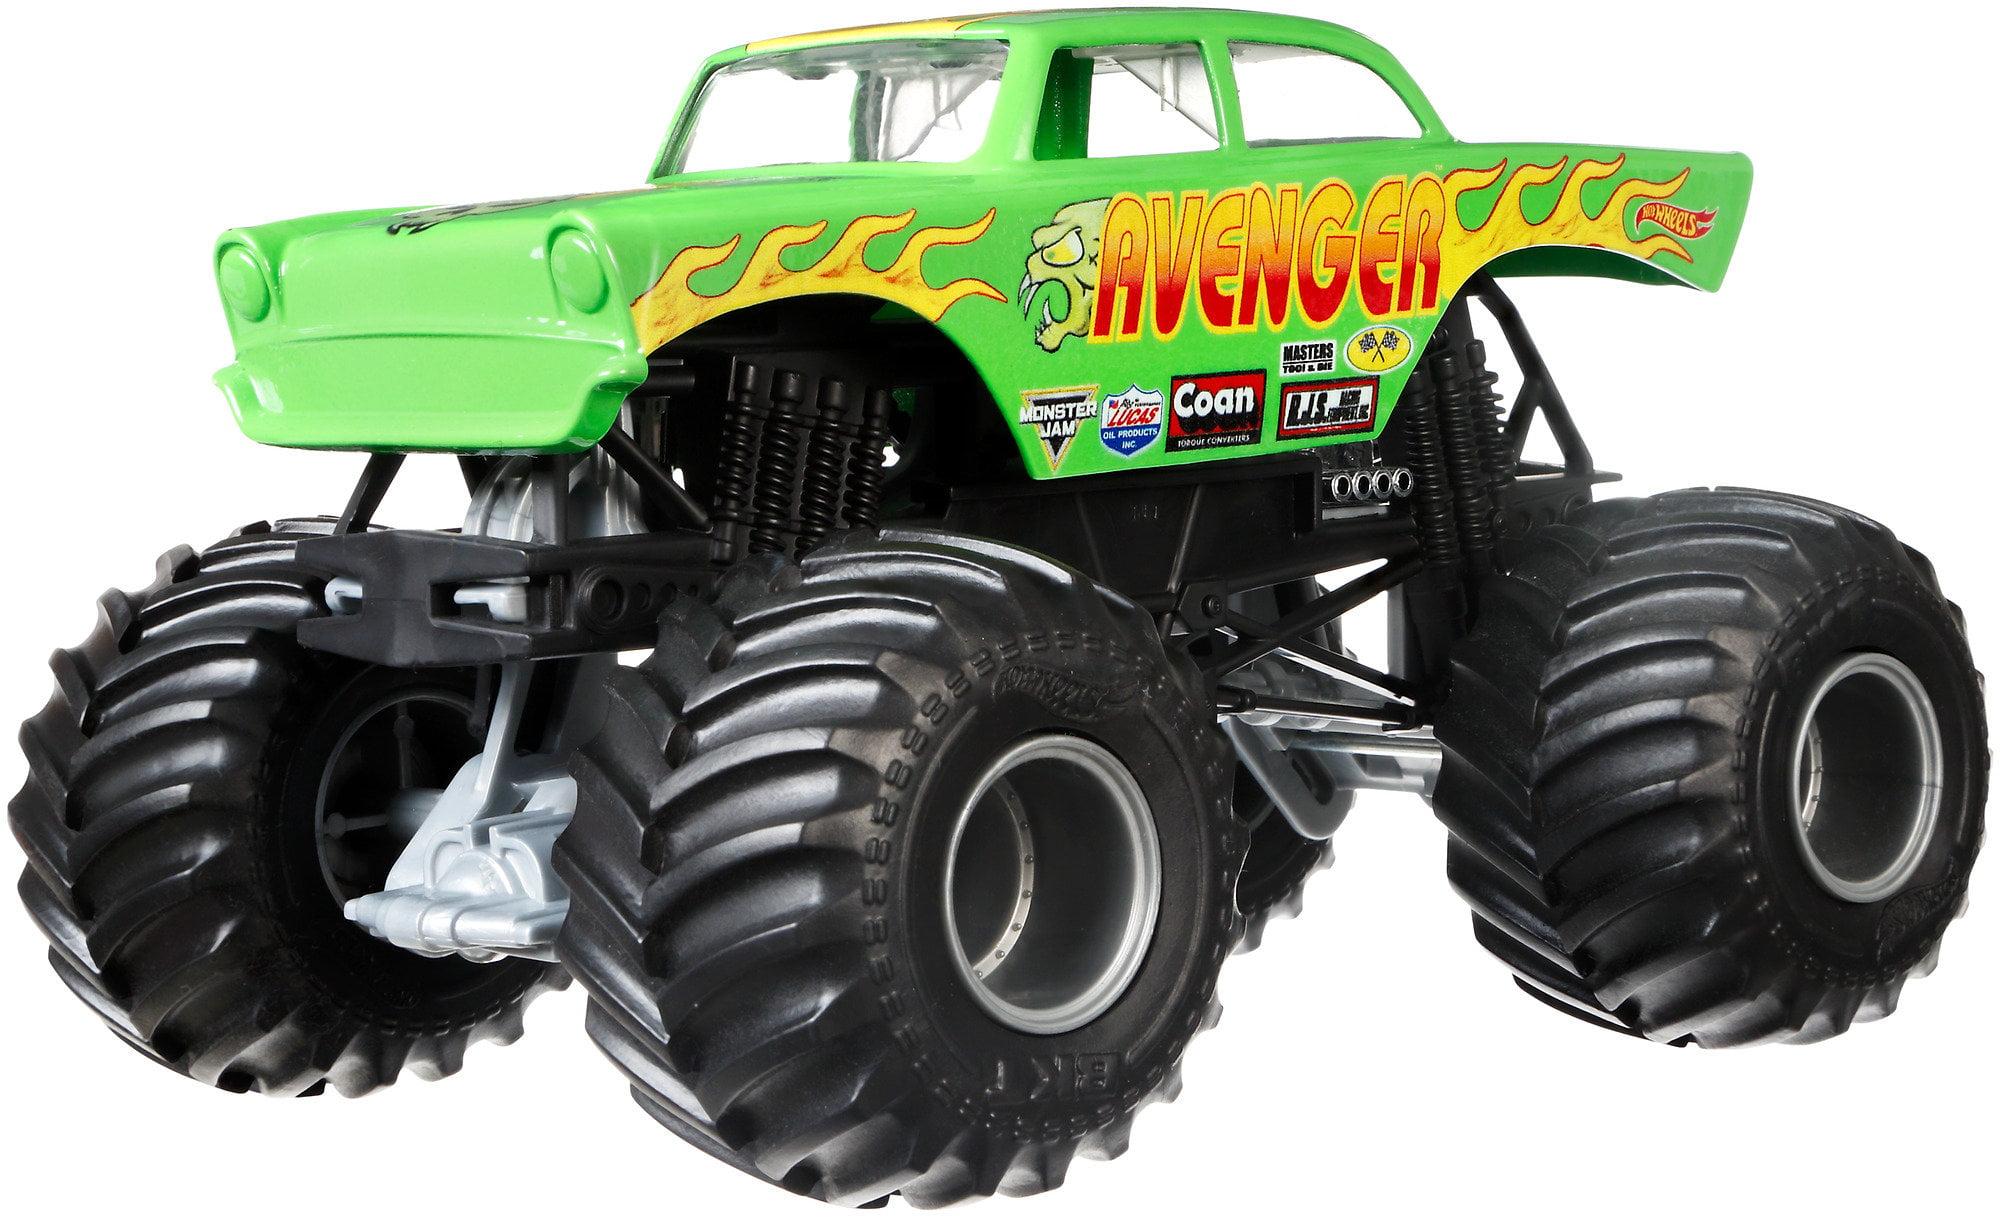 Hot Wheels Monster Jam Avenger Vehicle by Mattel